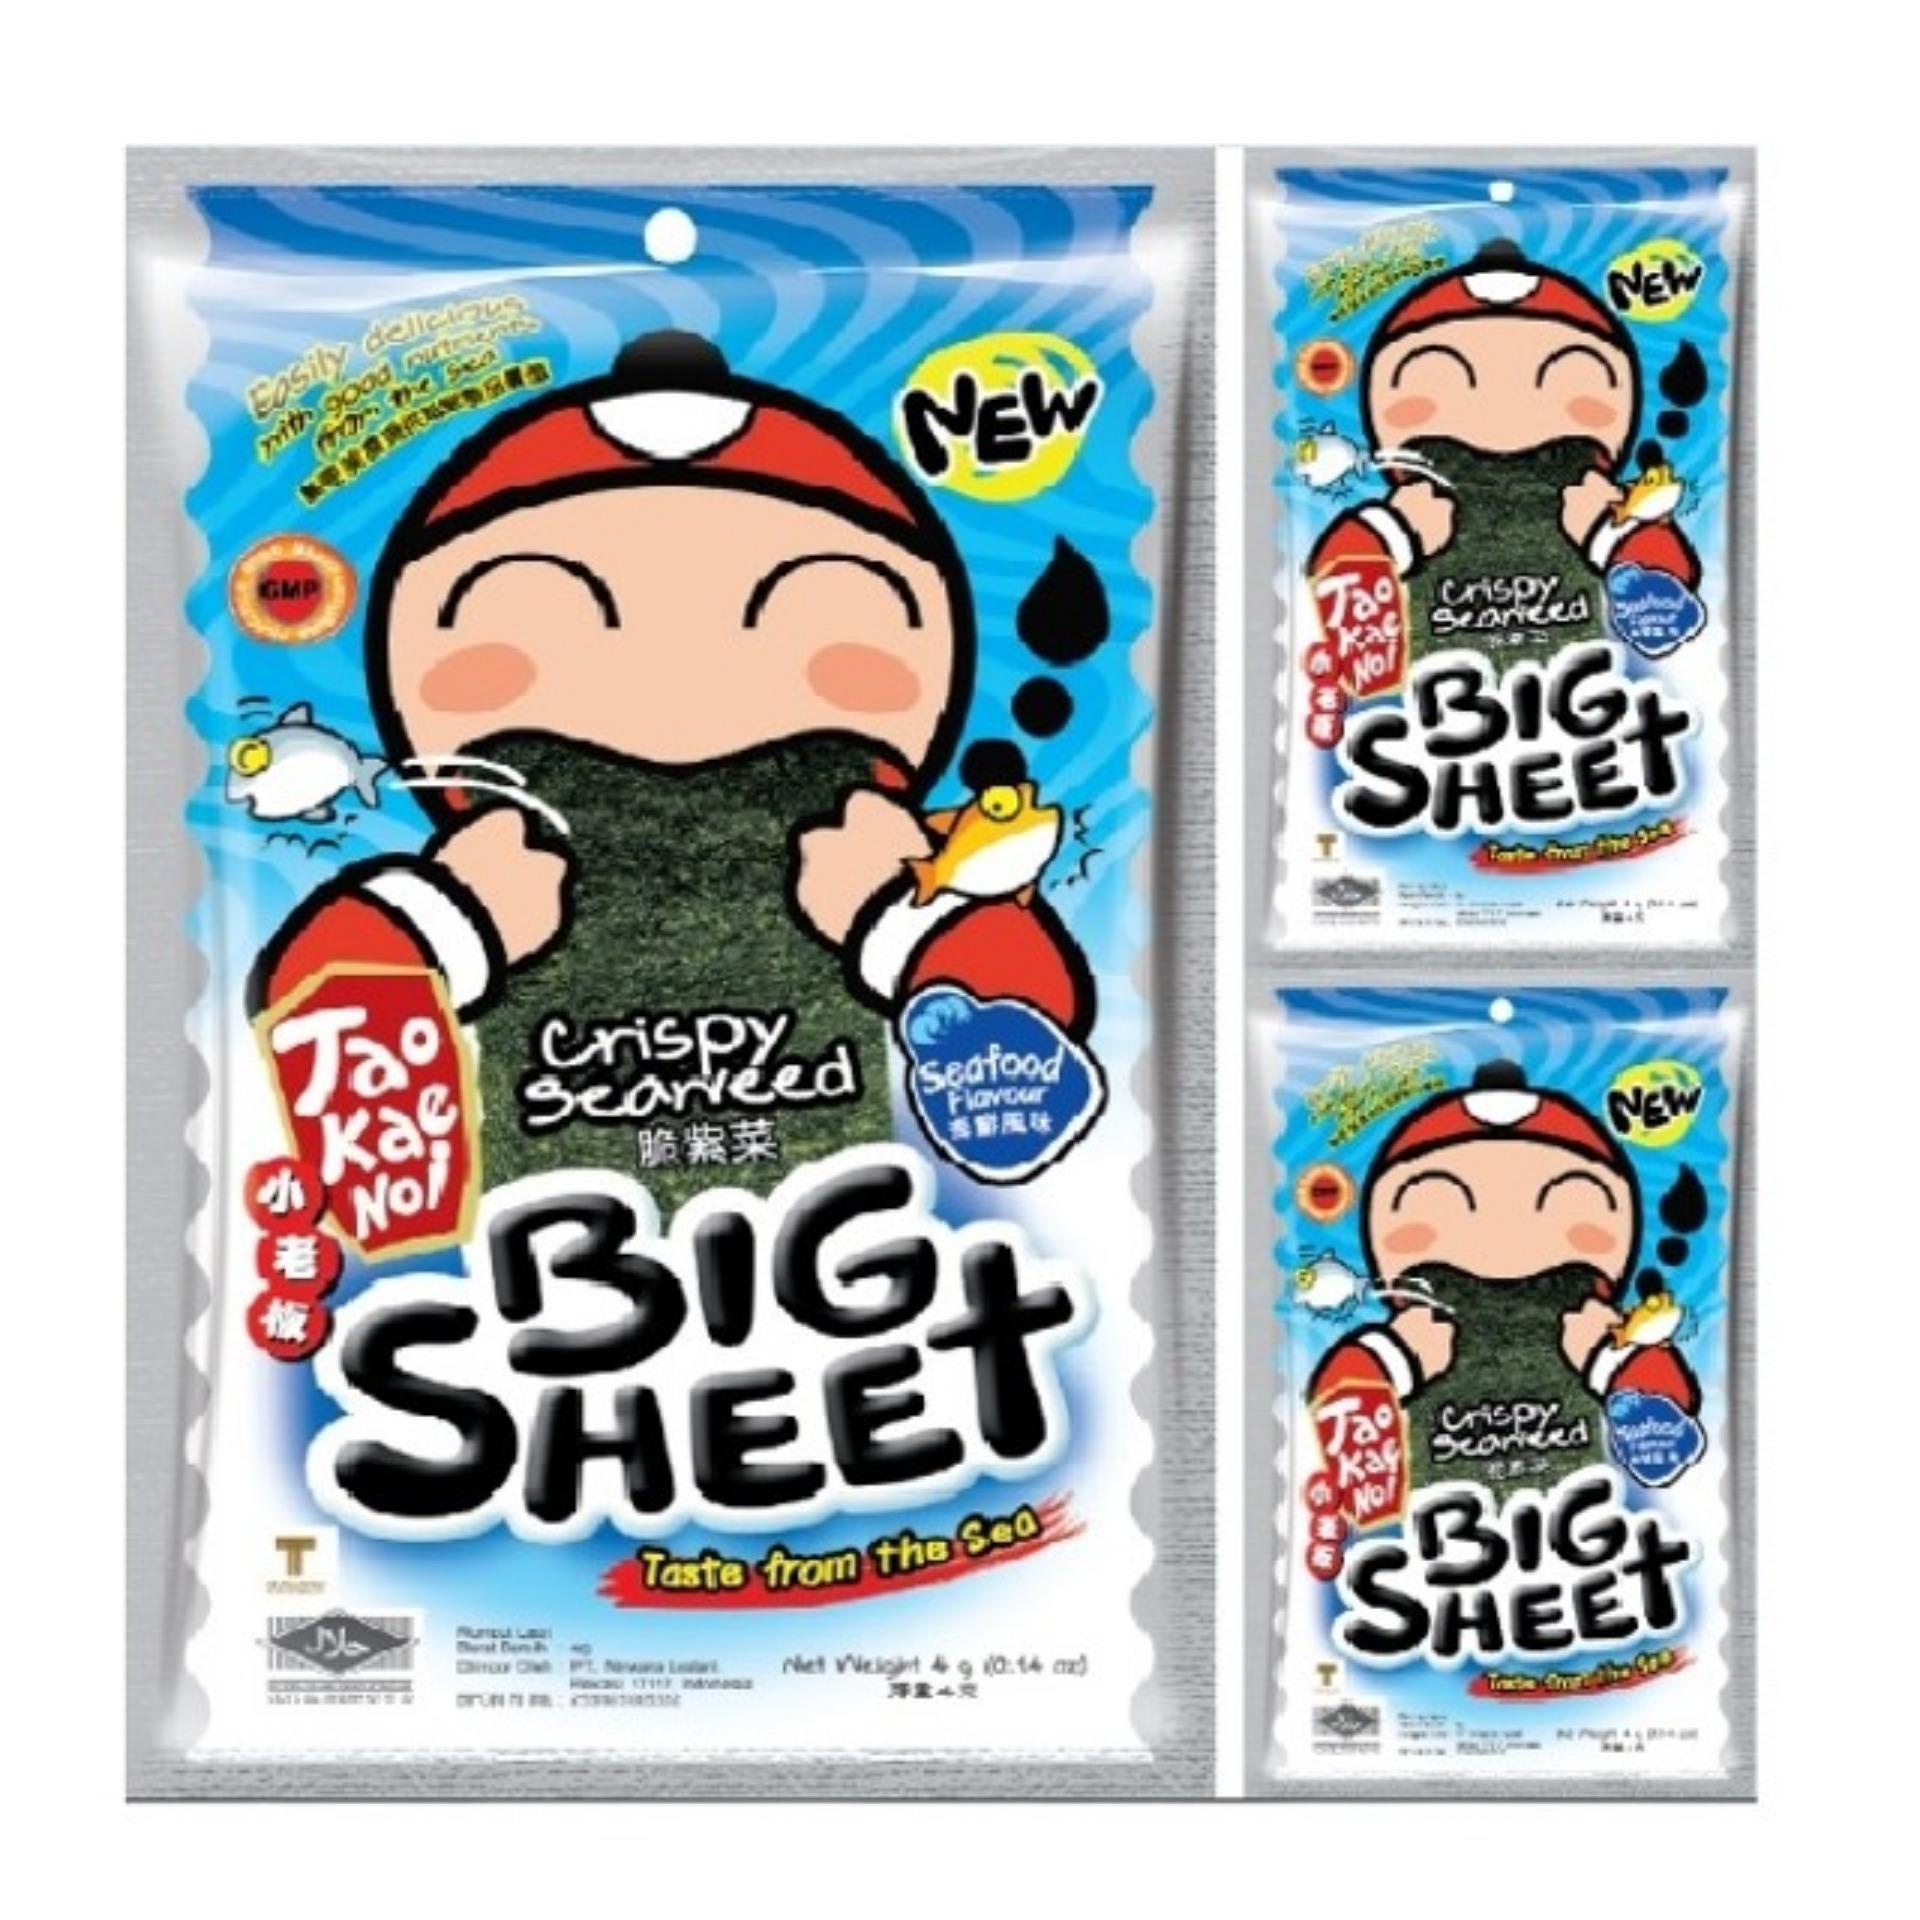 Combo 2 Gói Snack Rong biển Taokaenoi Sấy Big Sheet vị Hải Sản 4g